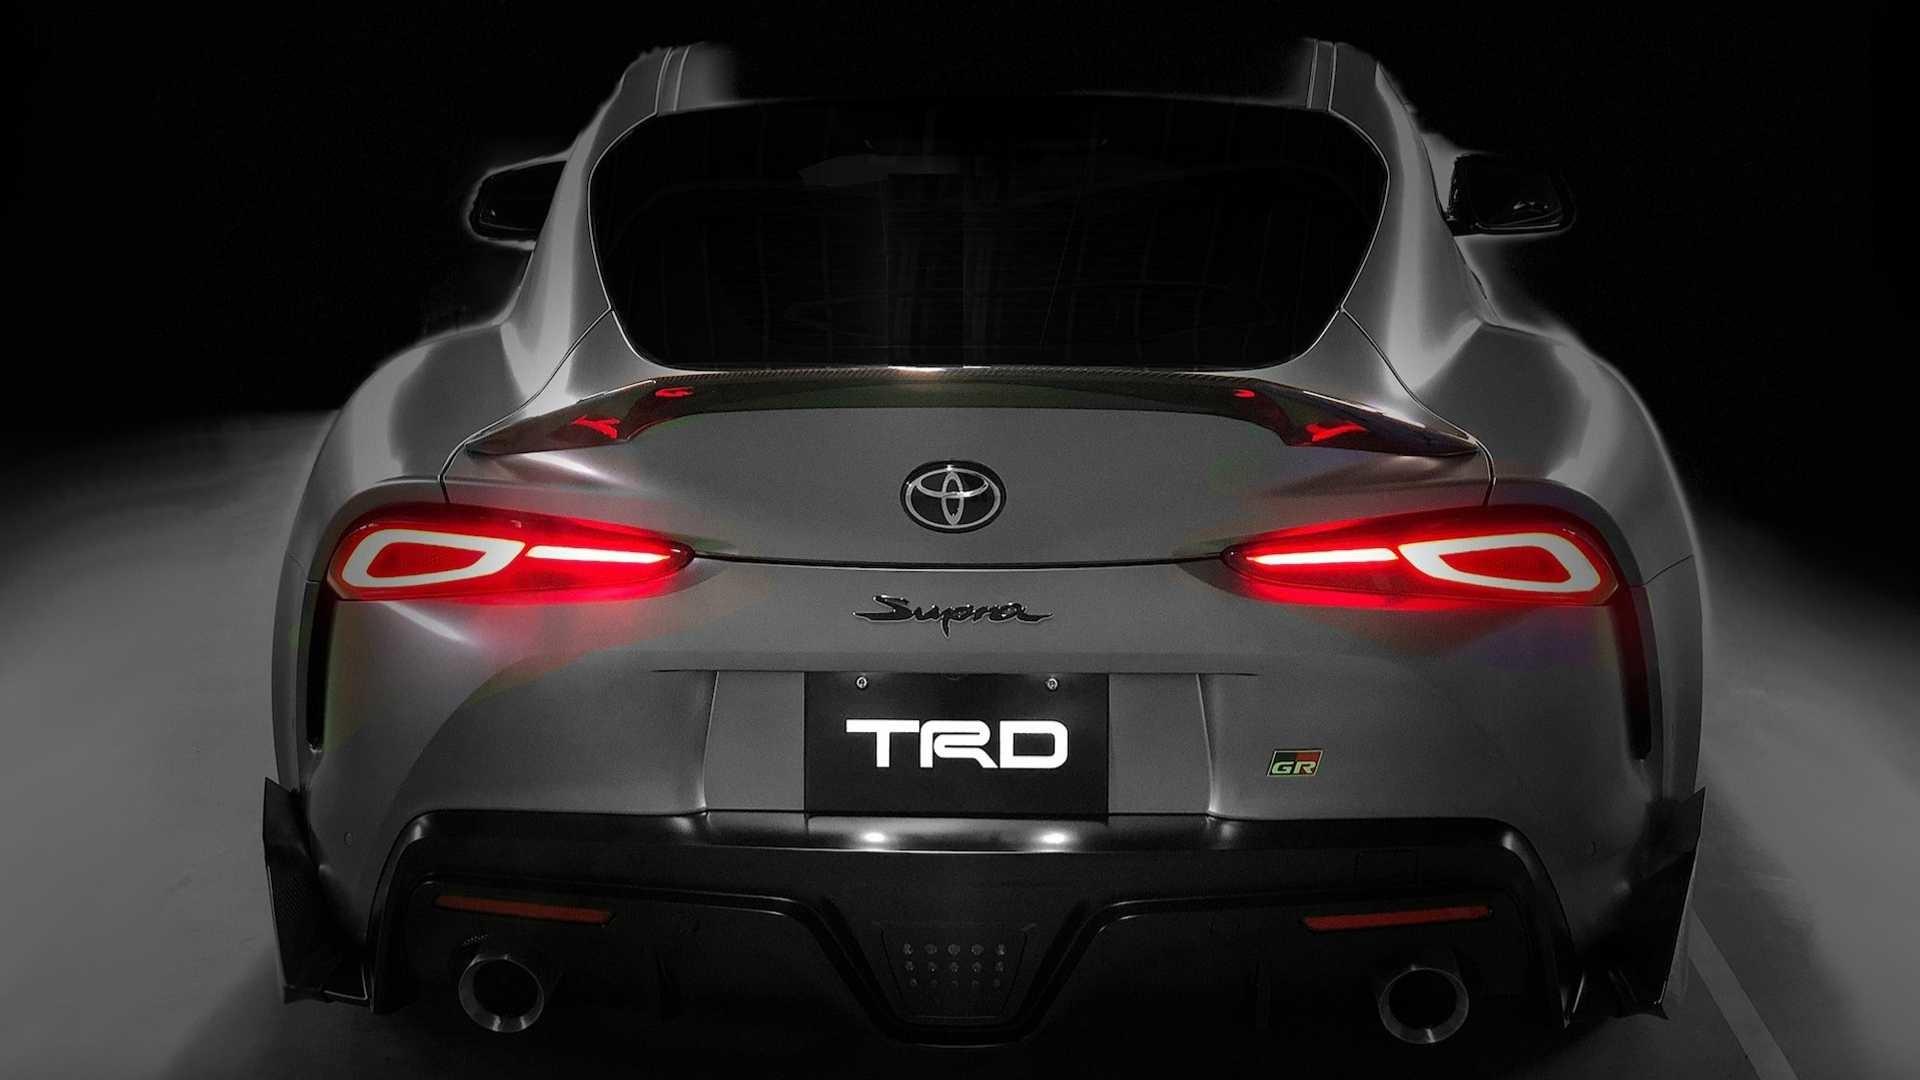 Foto de Toyota GR Supra Performance Line Concept TRD (5/7)